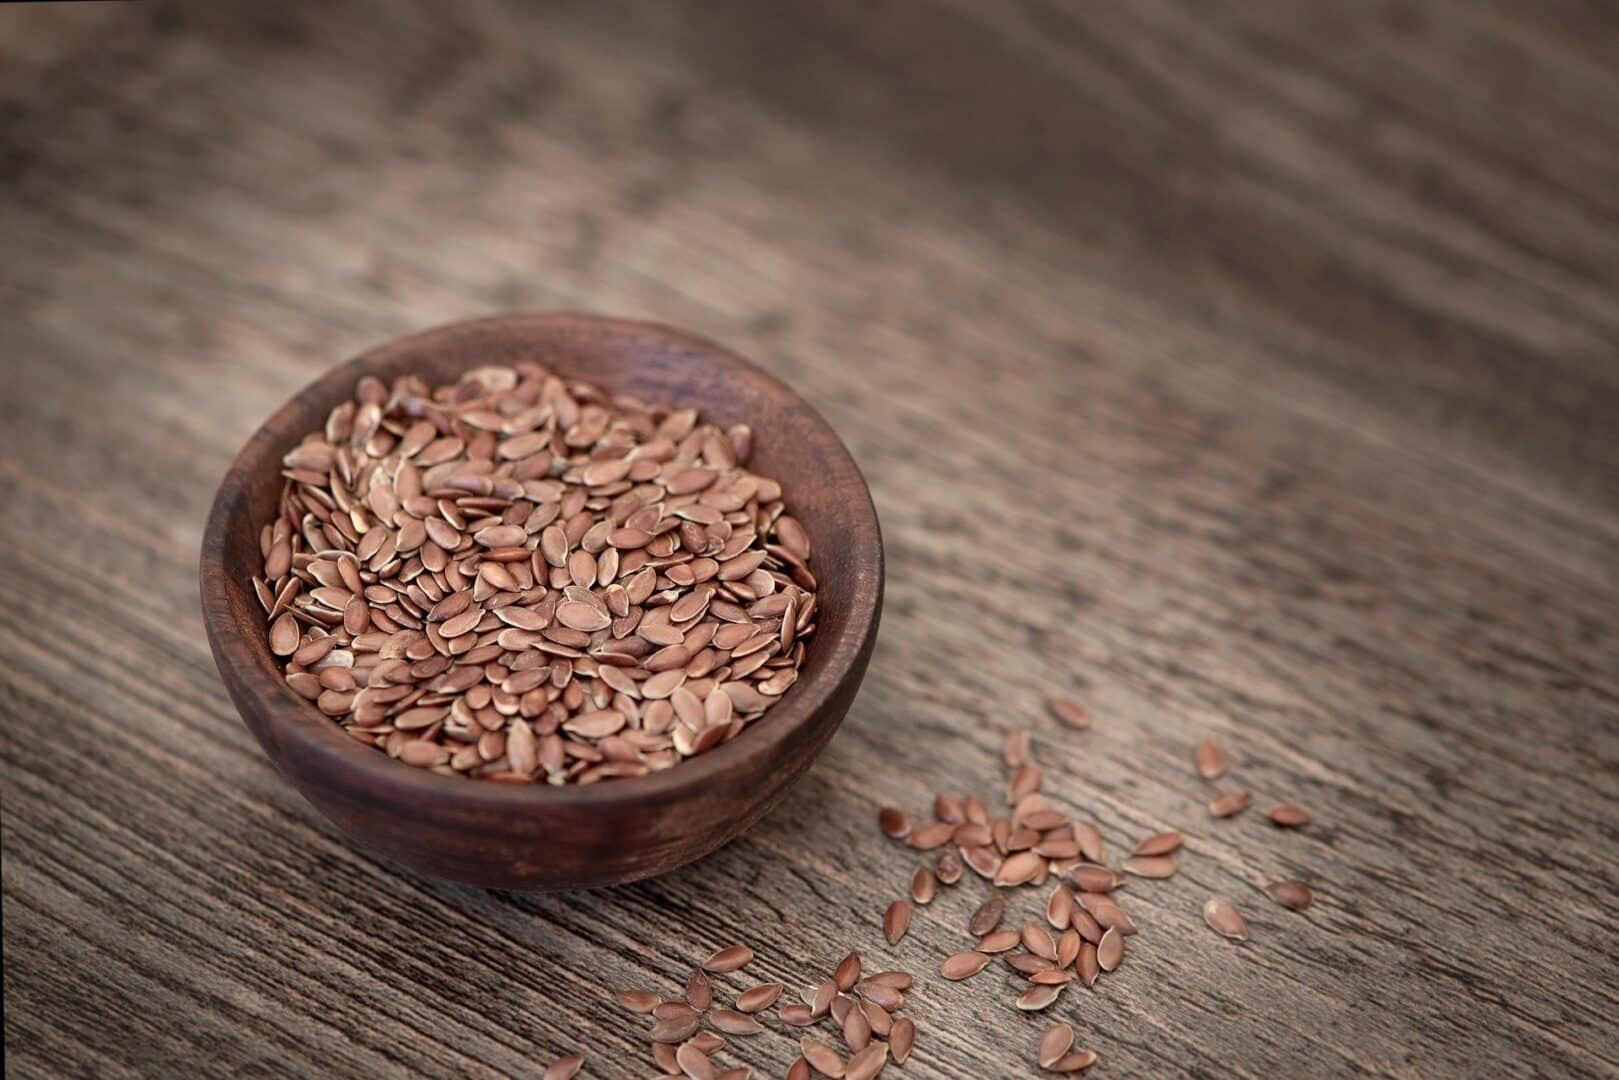 Fotografia de um pote de sementes para ilustração do item